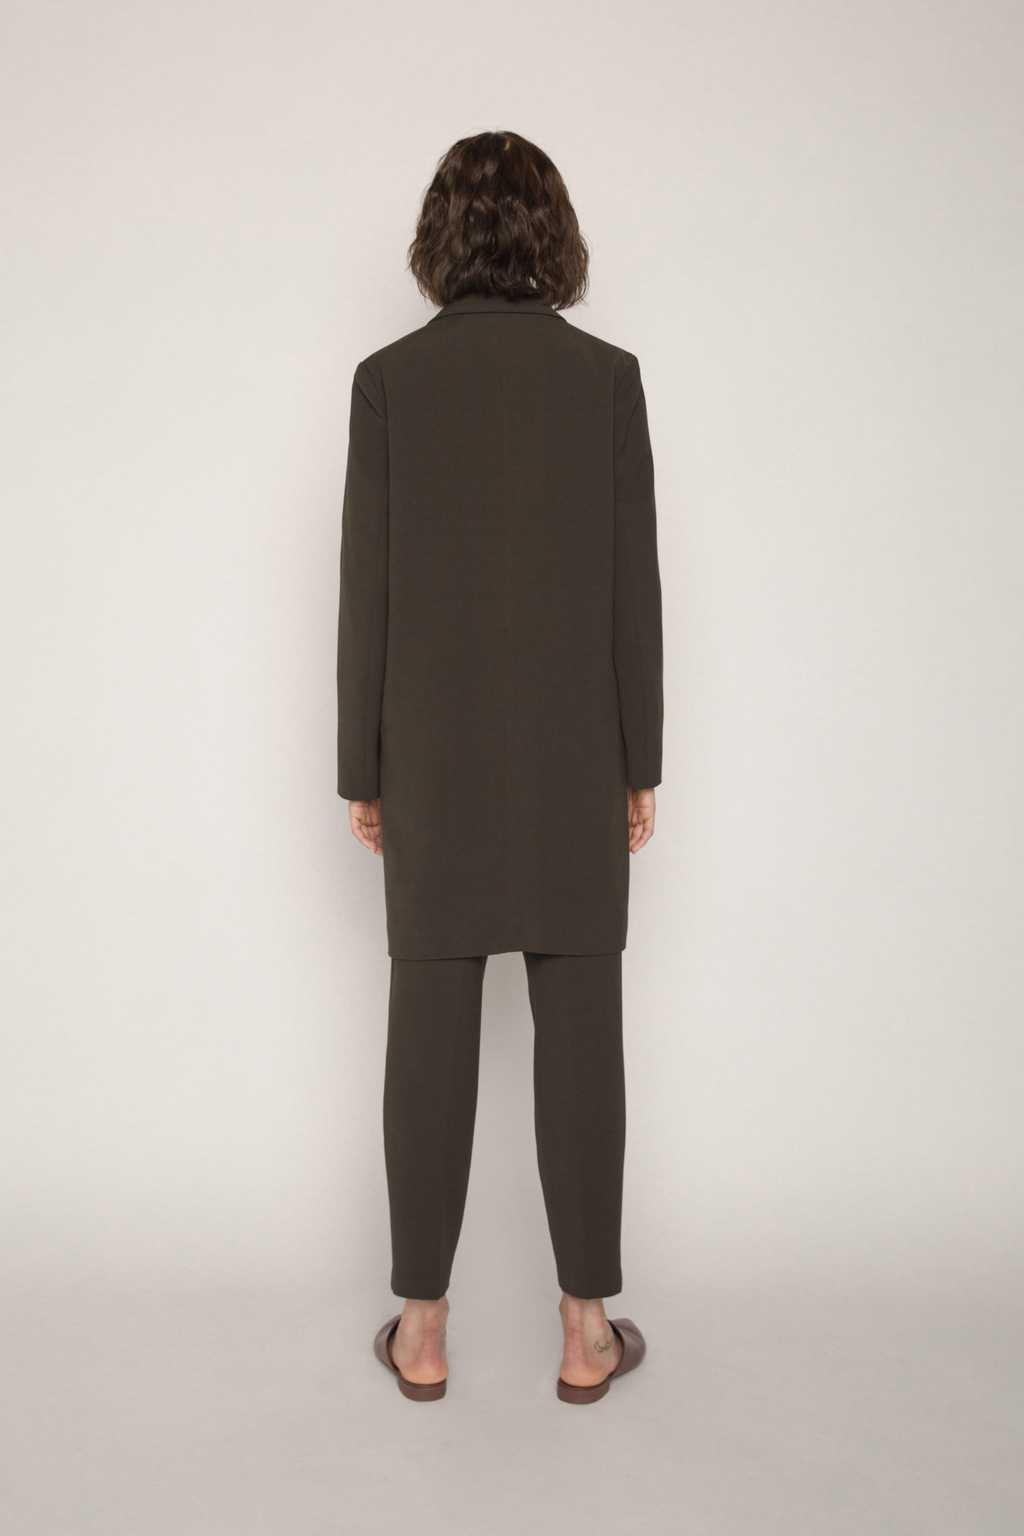 Jacket 1897 Olive 6